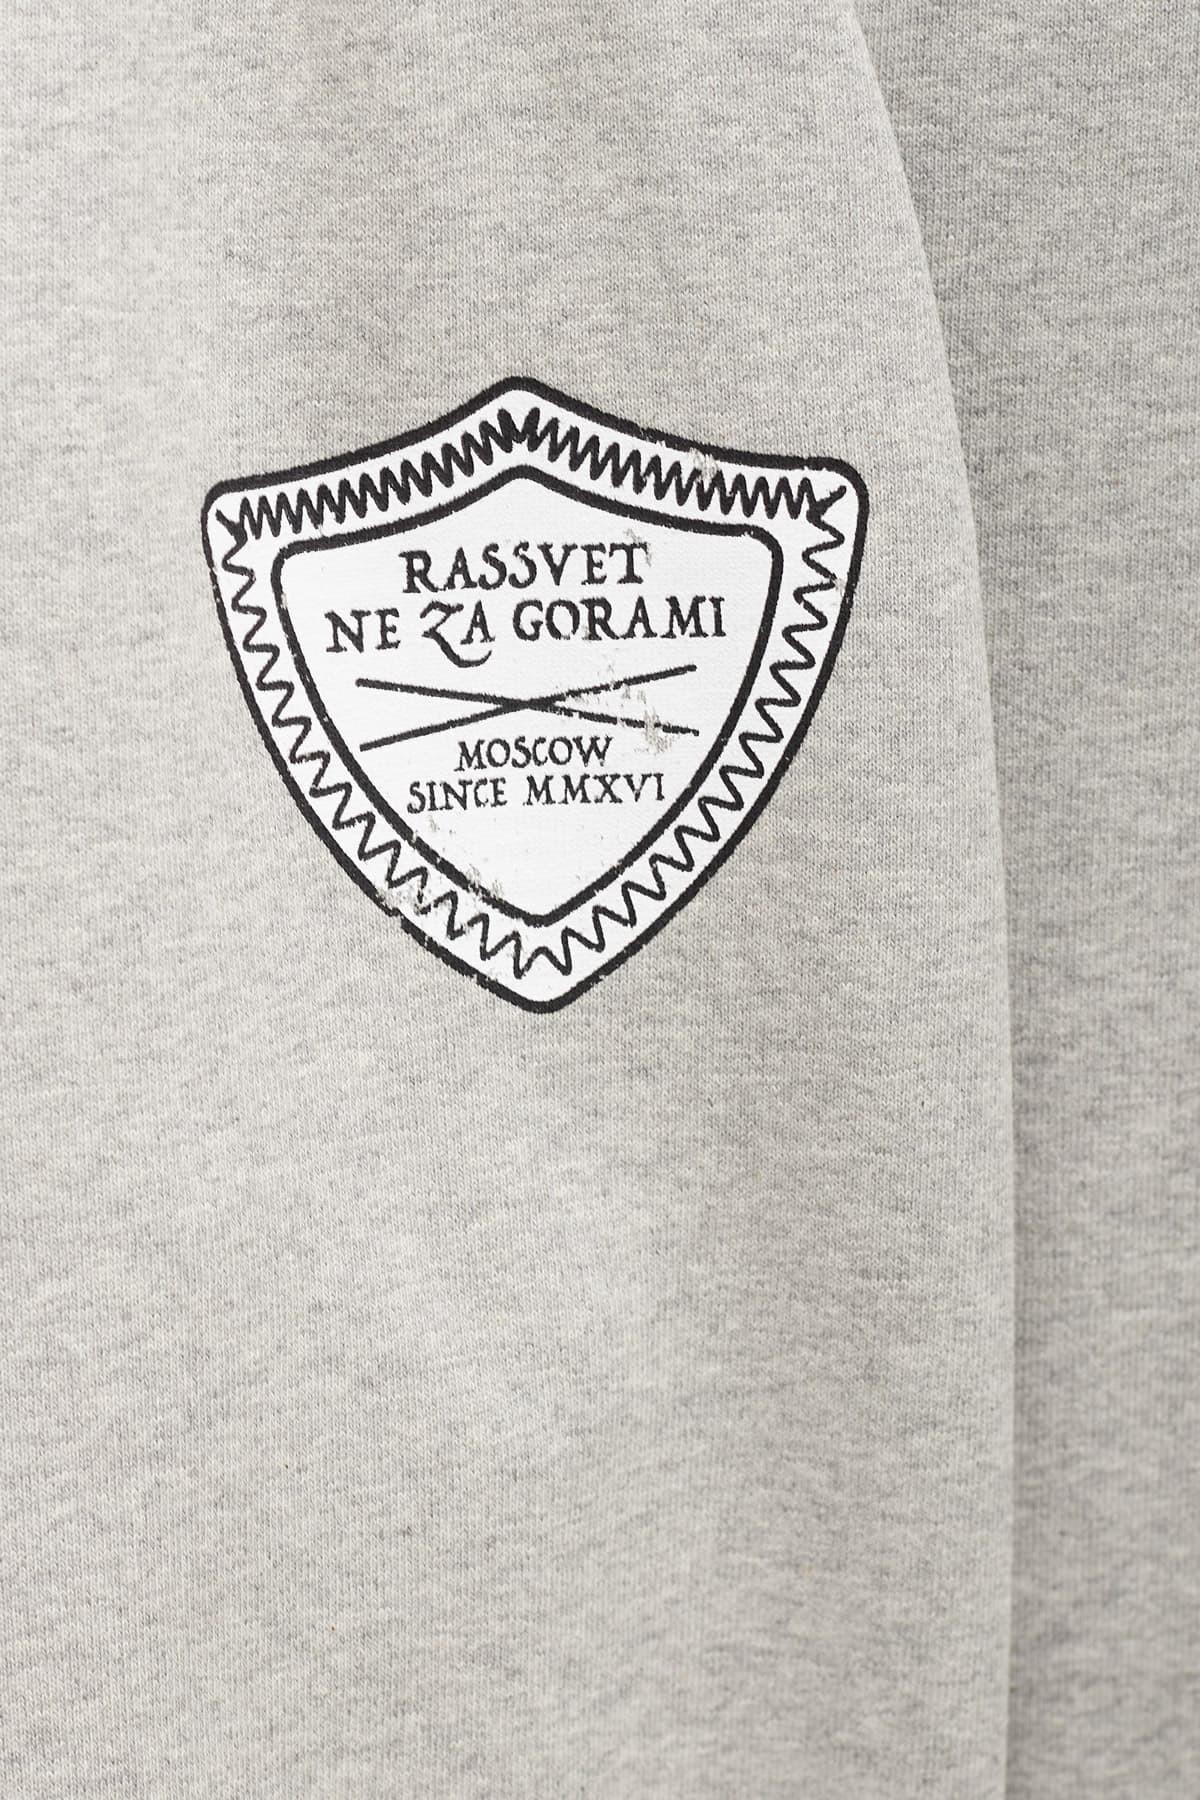 Shop Comme Des Garcons Play x Converse Khaki Multi Chuck Taylor 70 Low Sneakers